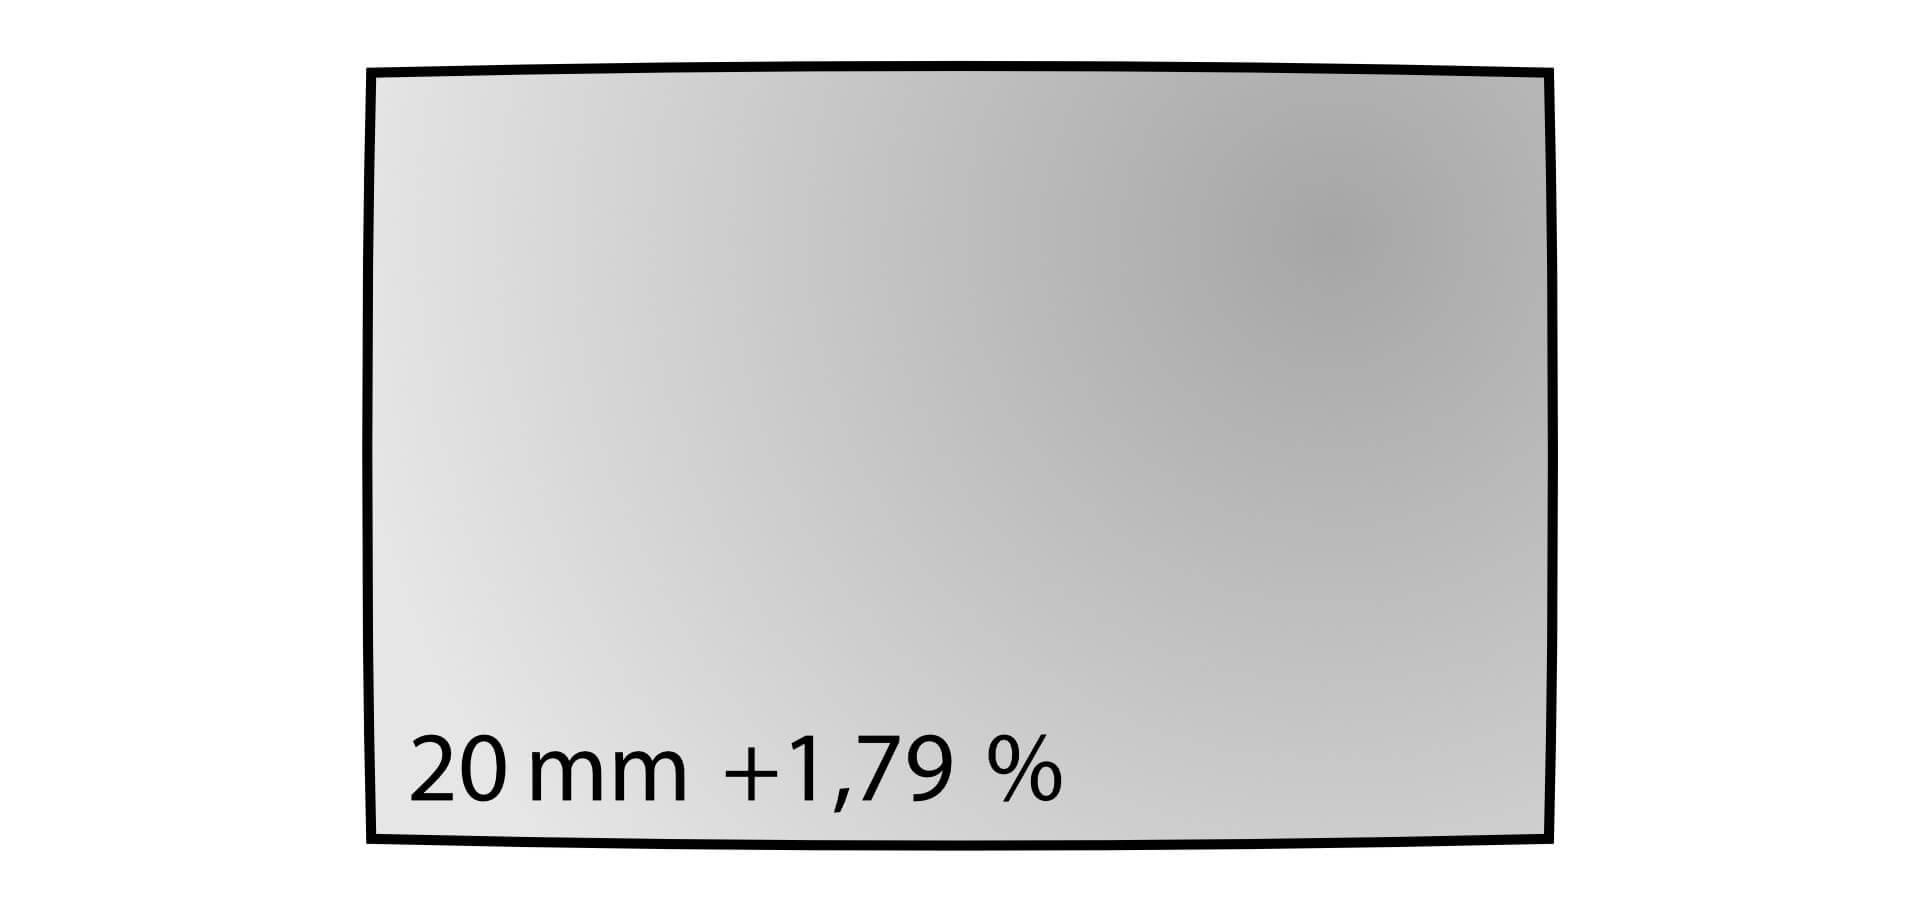 Geometrické zkreslení objektivu Nikkor Z 20 mm f/1,8 S